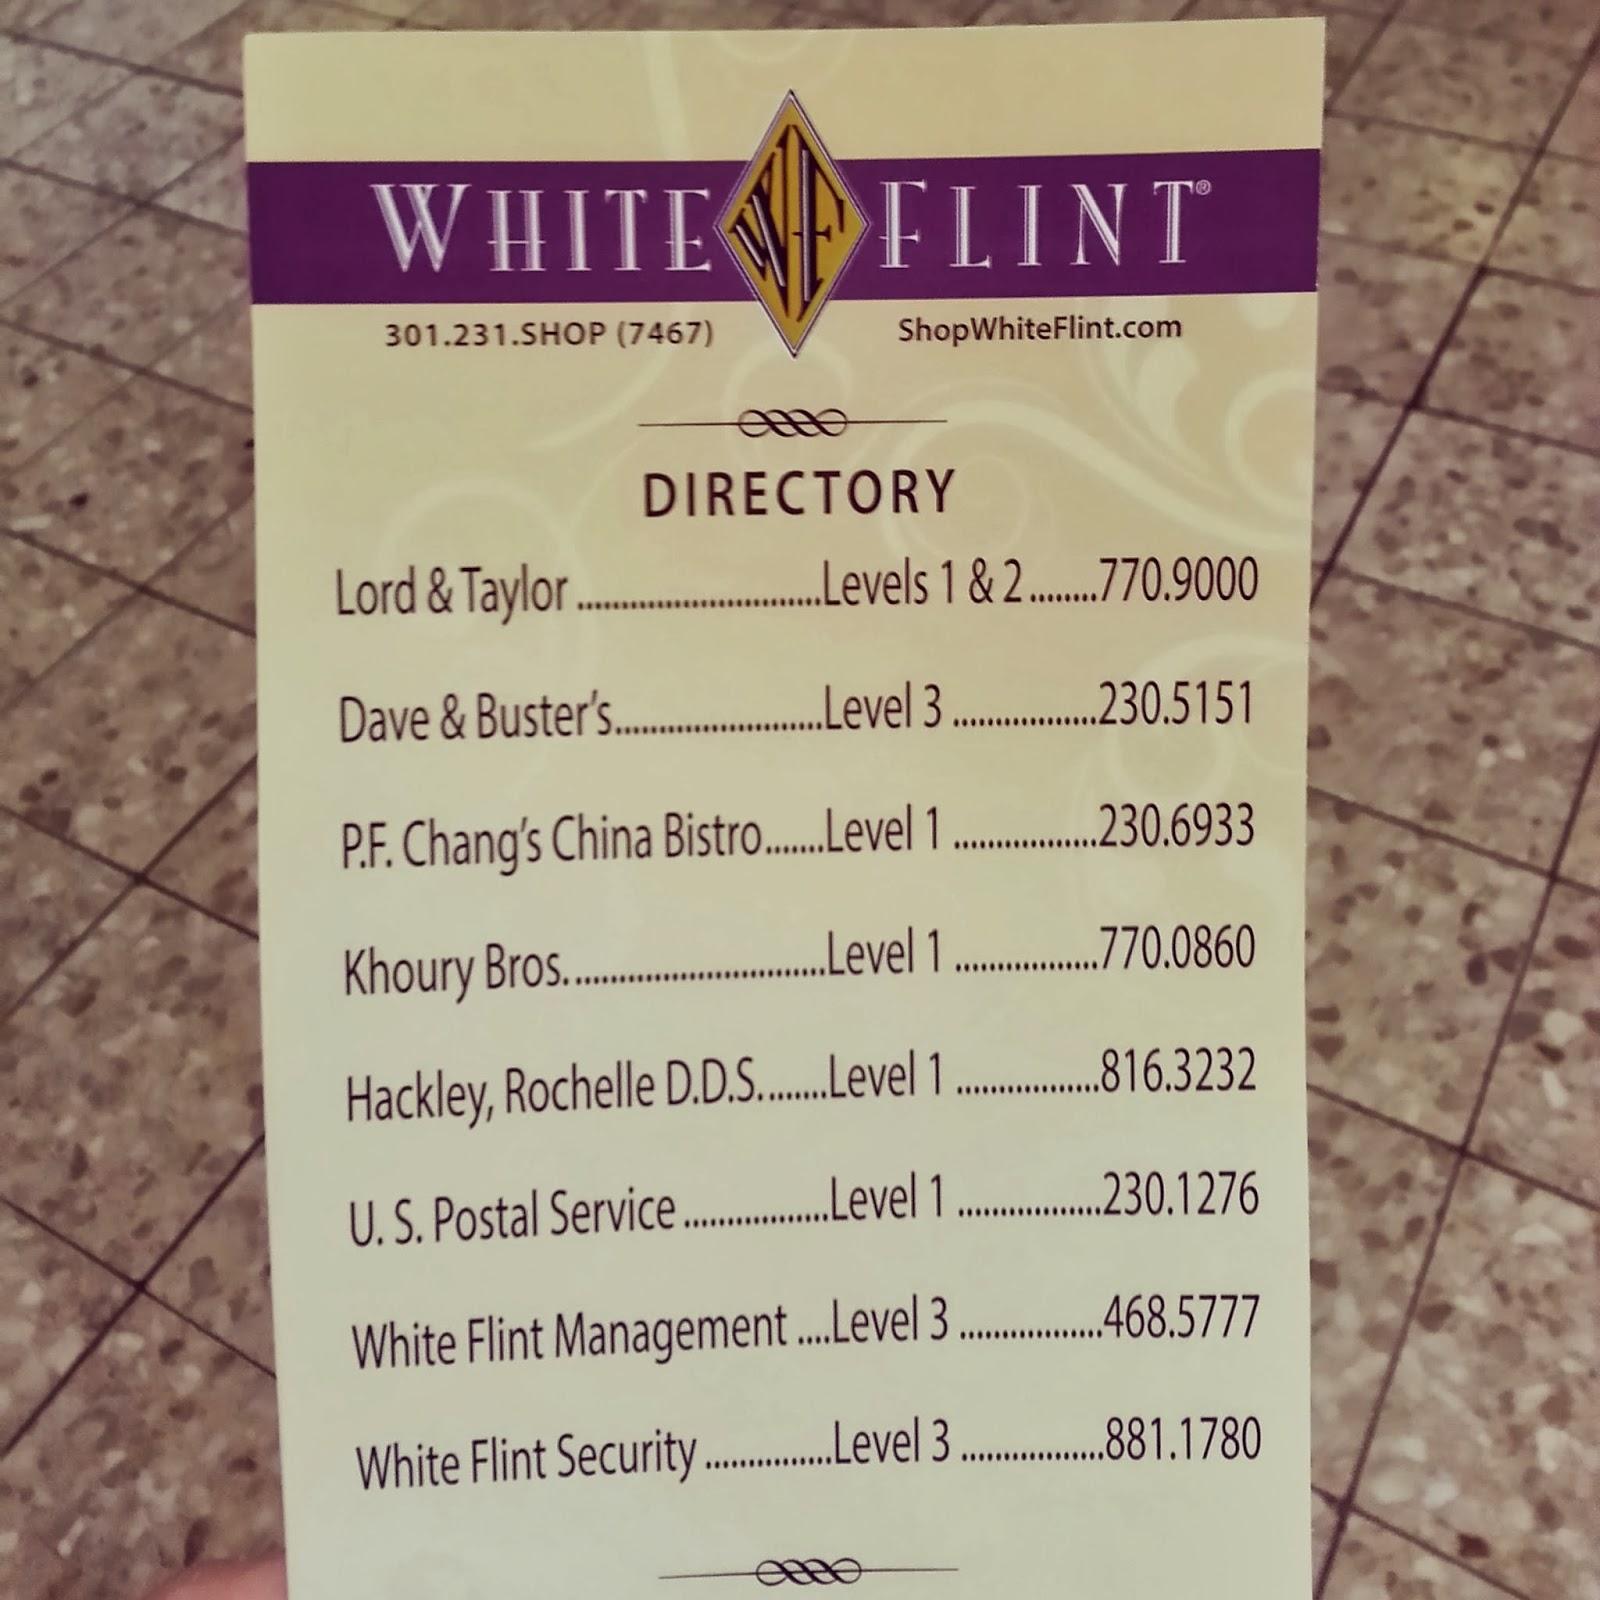 Robert Dyer @ Bethesda Row: WHAT\'S STILL OPEN AT WHITE FLINT MALL ...